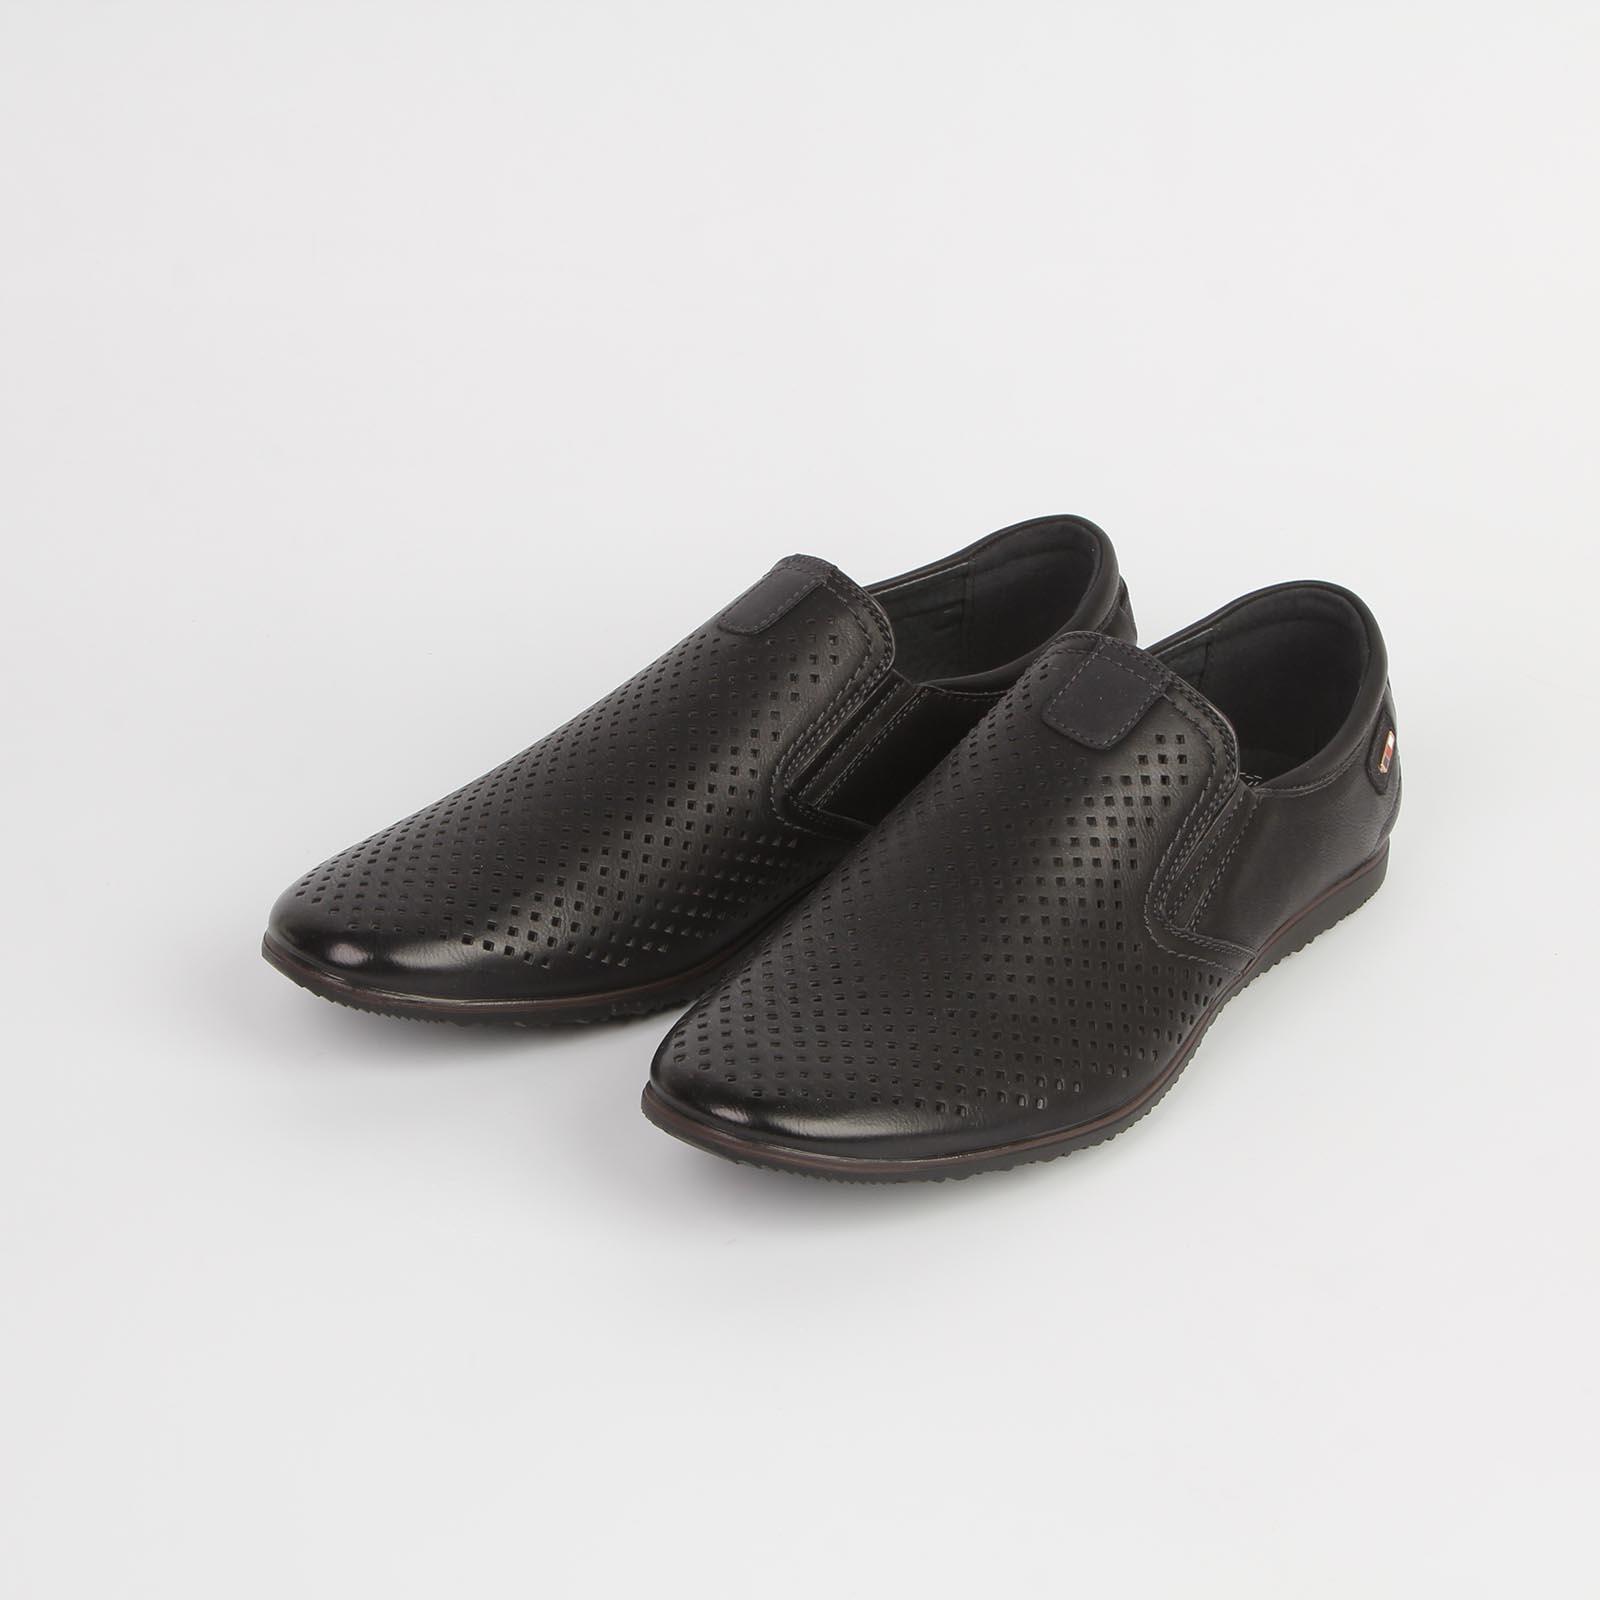 Туфли мужские украшенные перфорацией на плоской подошве